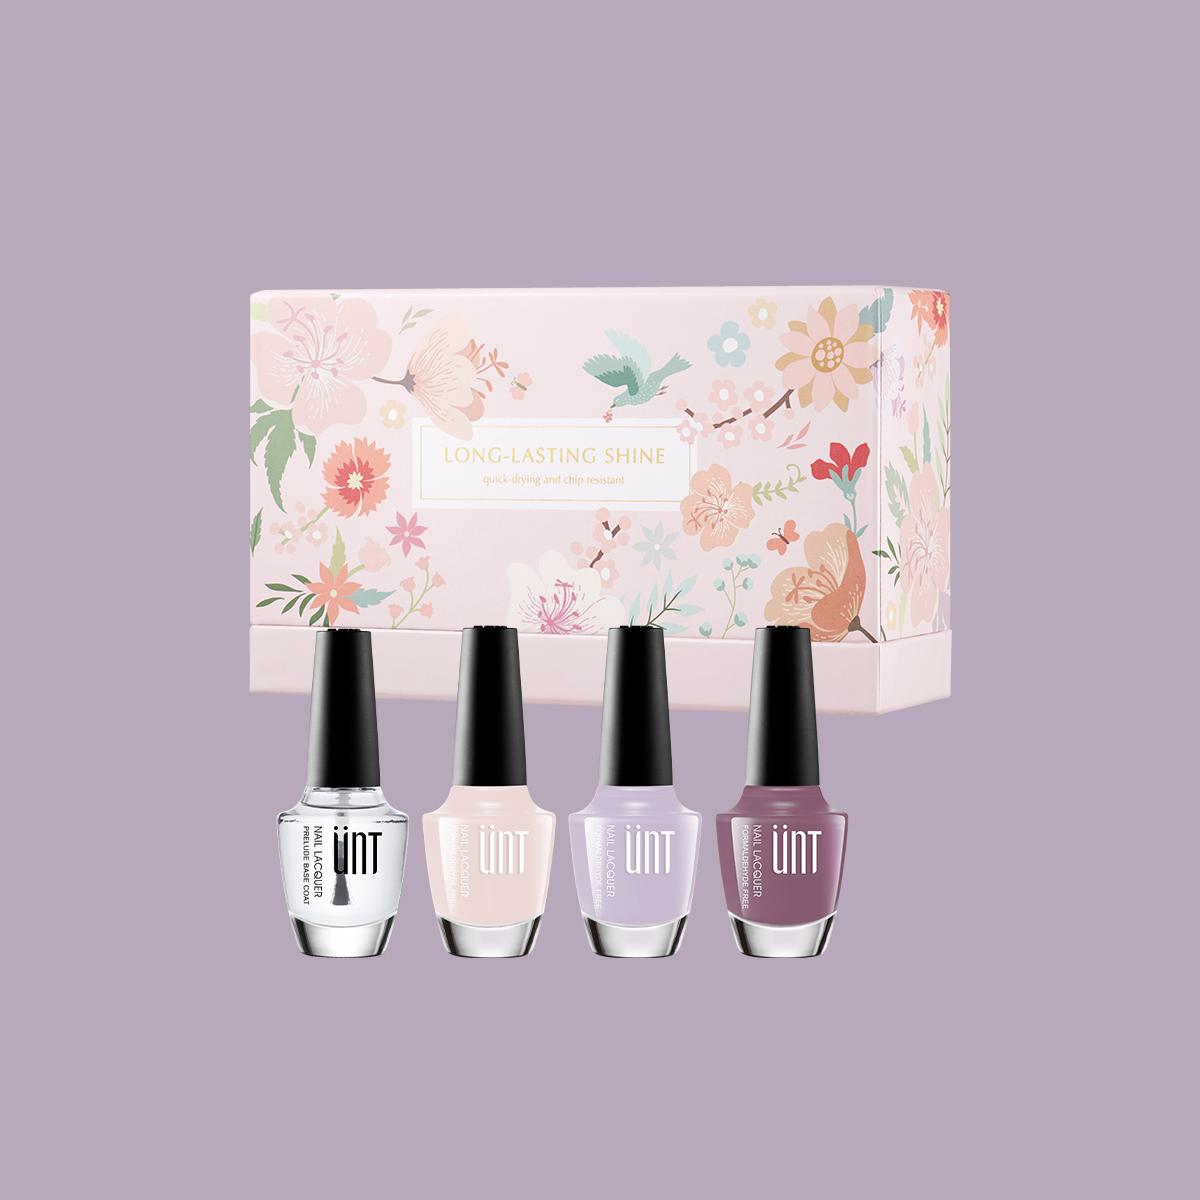 玩美持色指甲油 浪漫禮盒-紫色